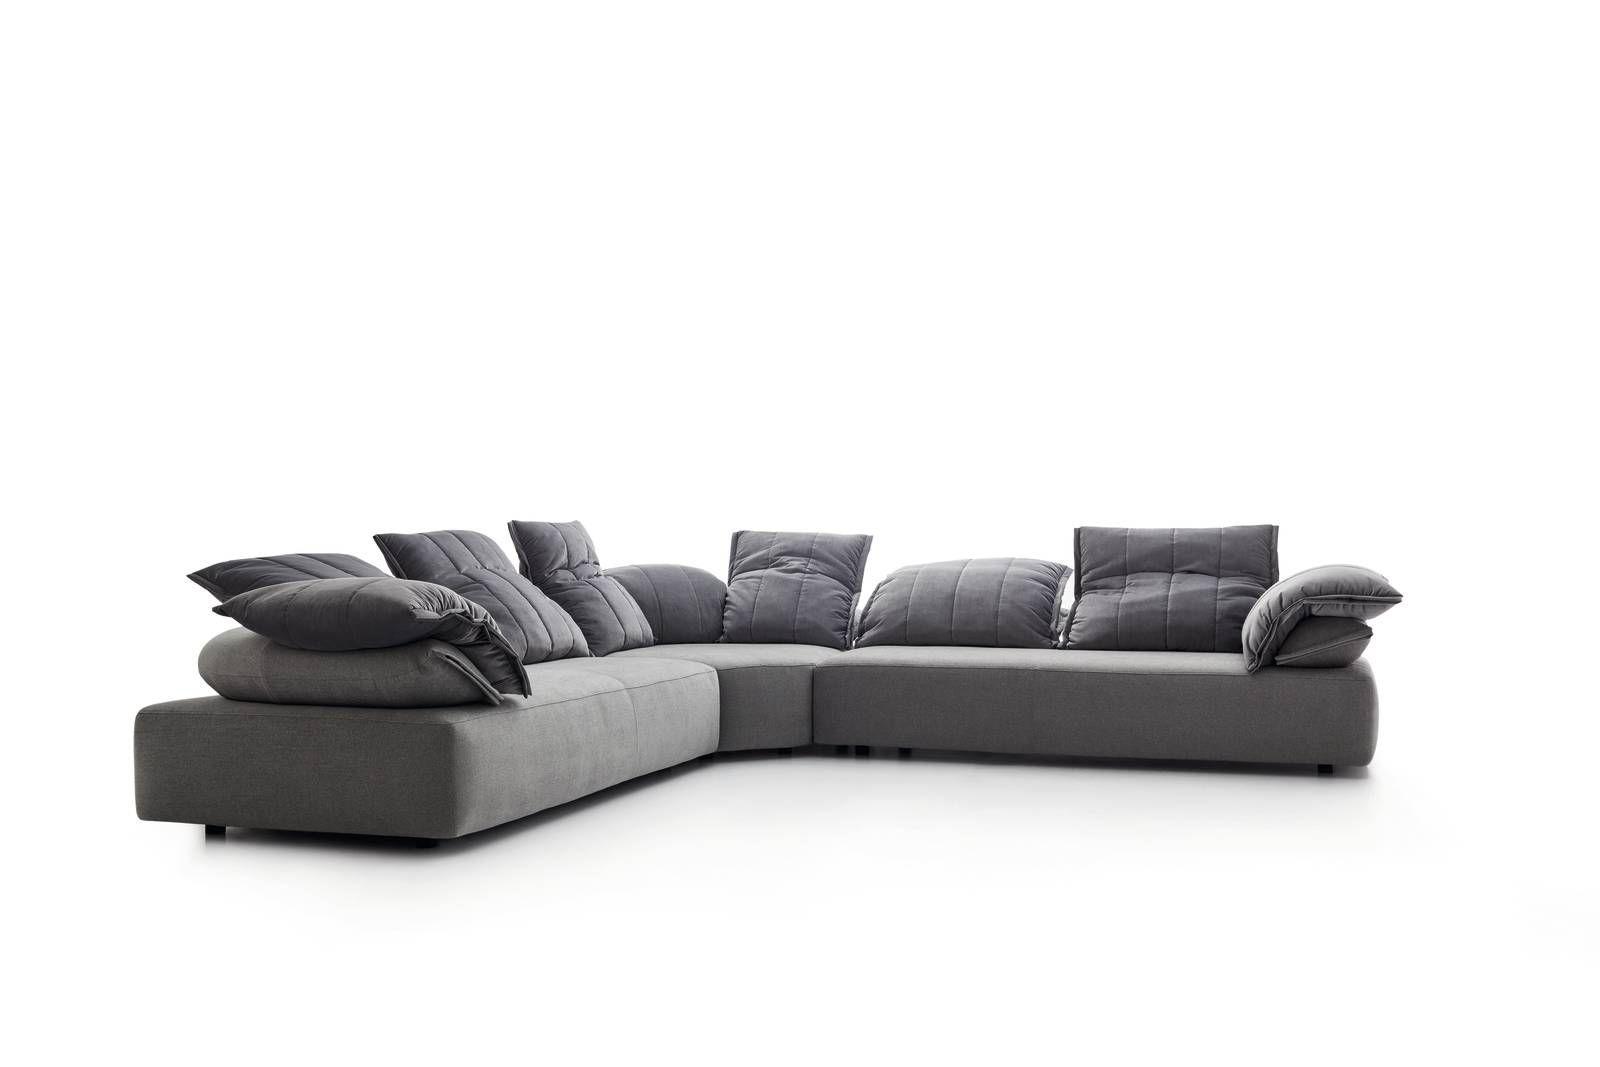 Salone del Mobile 2017: divani e divanetti | Poltrone e divani ...